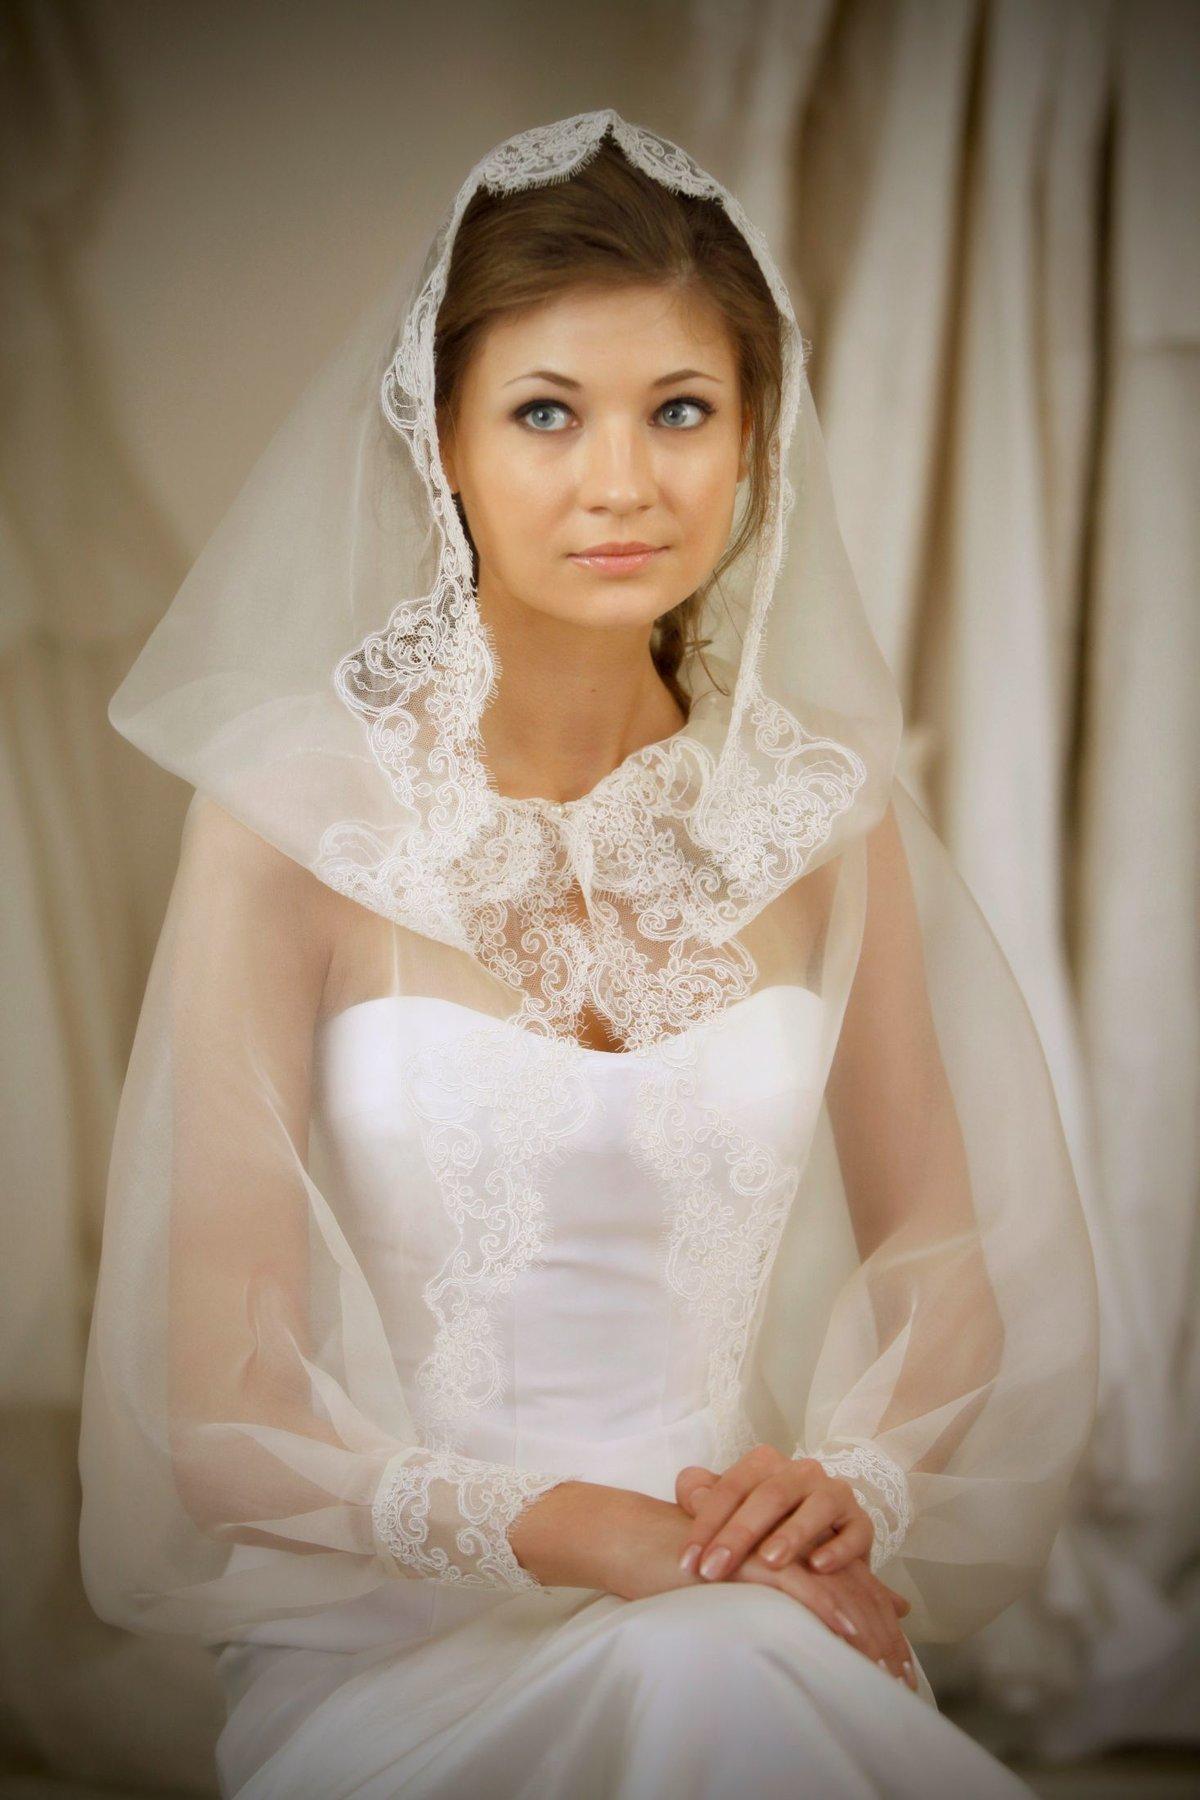 дербенте красивая, накидки вместо фаты для венчания фото поставим вопрос